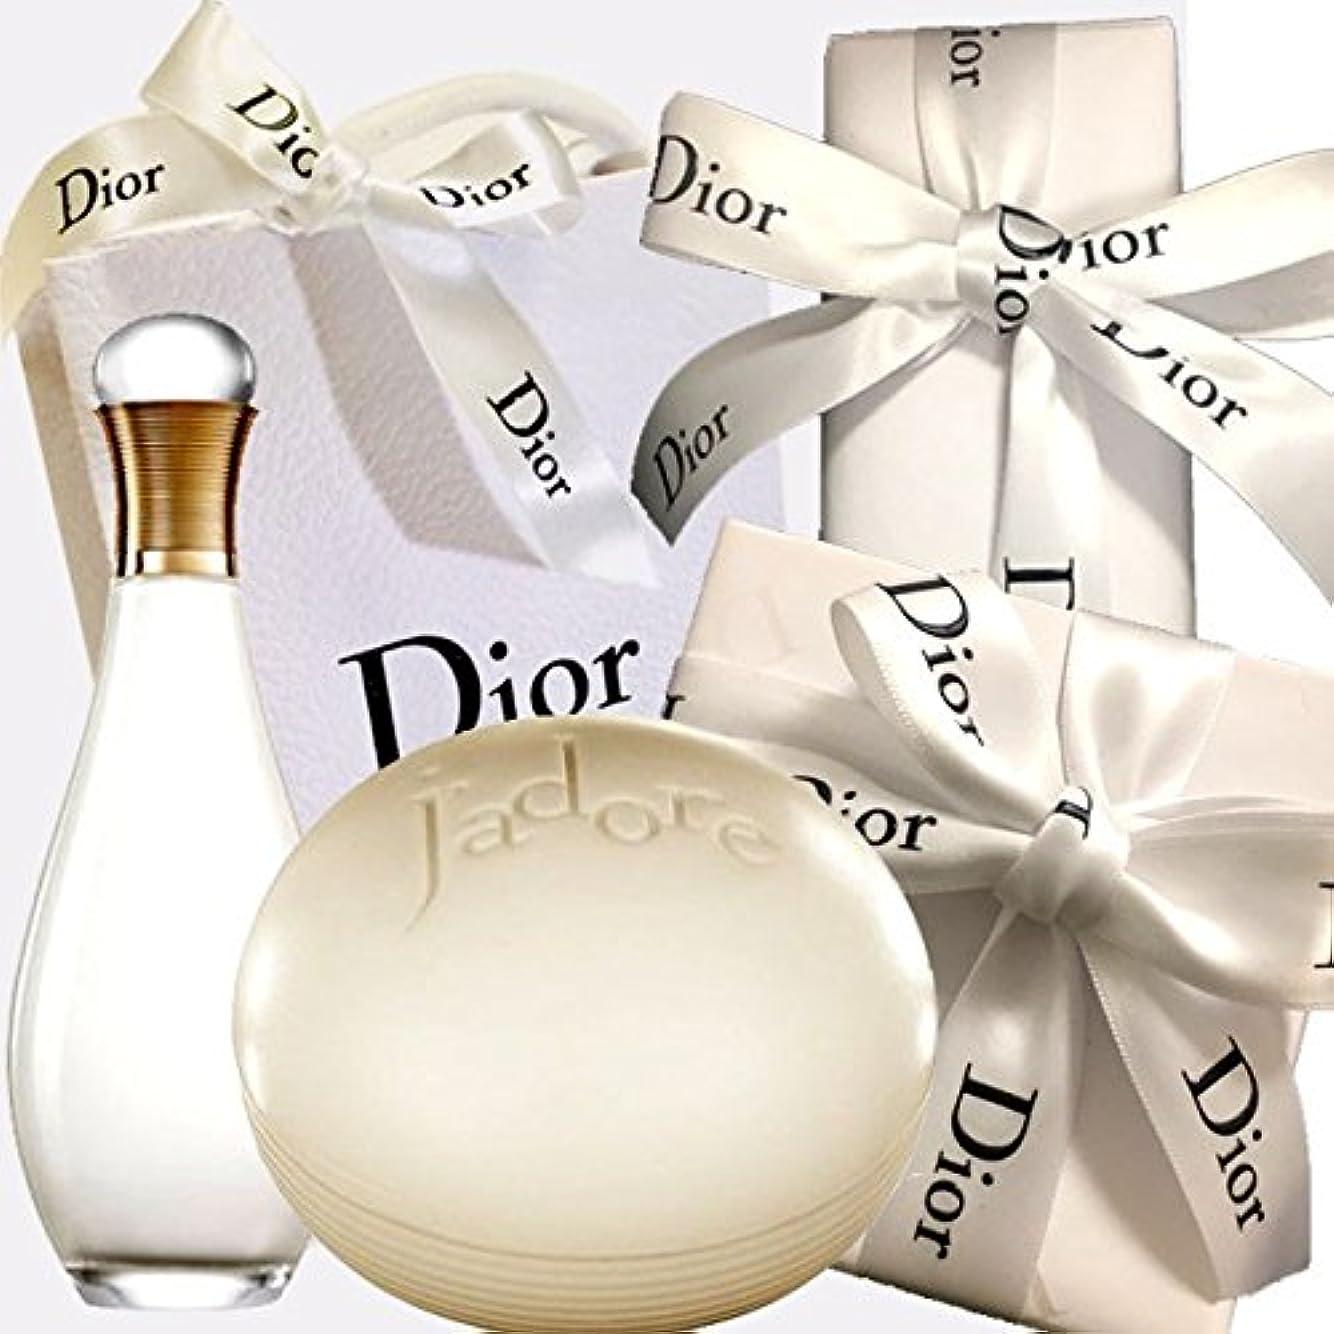 ガラガラ各補充Dior(ディオール) ギフトラッピング済ジャドール シルキー ソープ 150g + ジャドール ボディ ローション 150mL